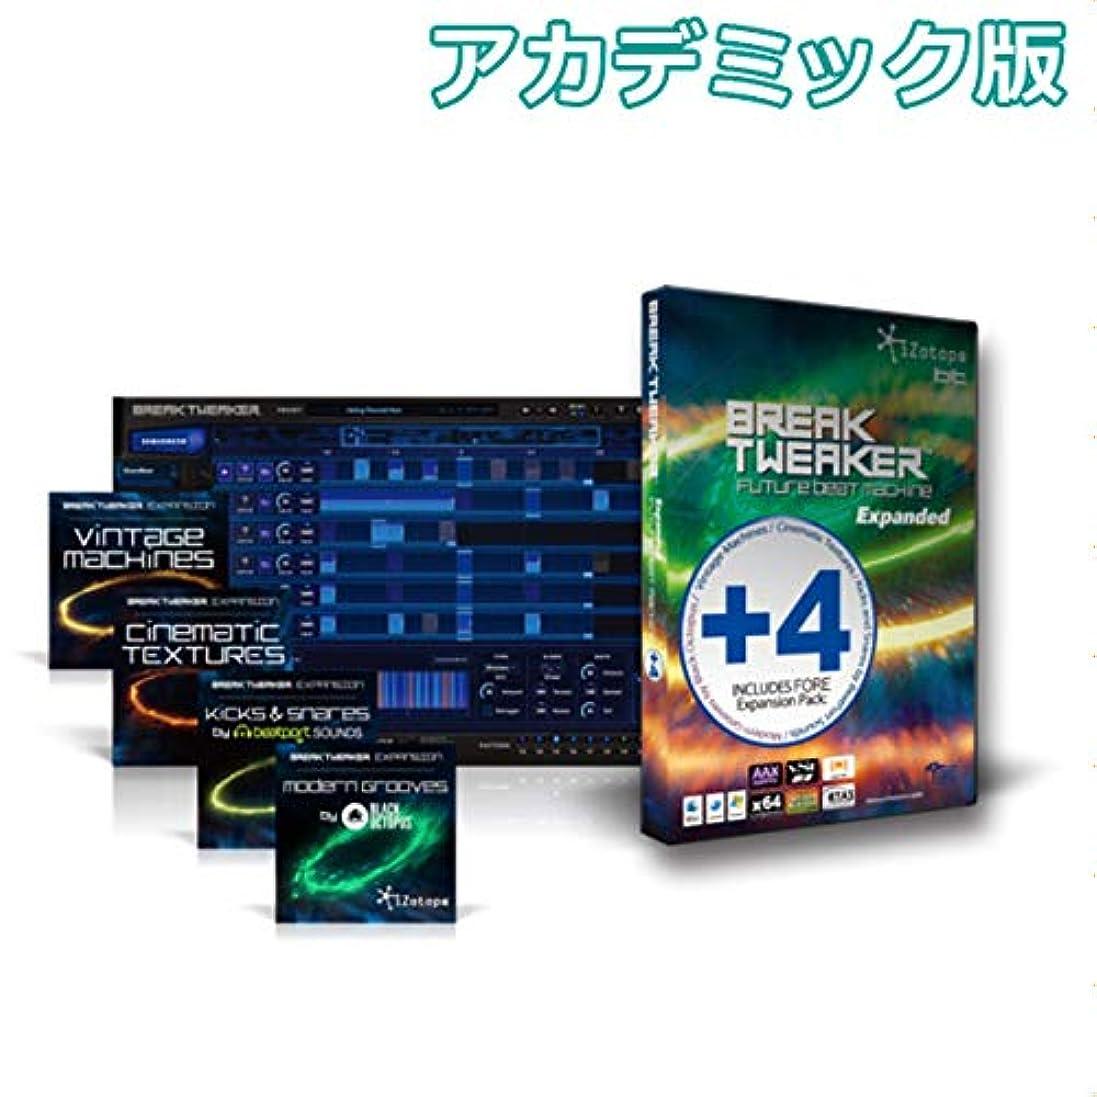 思い出ラビリンス心からiZotope BreakTweaker Expanded+4 アカデミック版 リズム音源 【ダウンロード版】 アイゾトープ